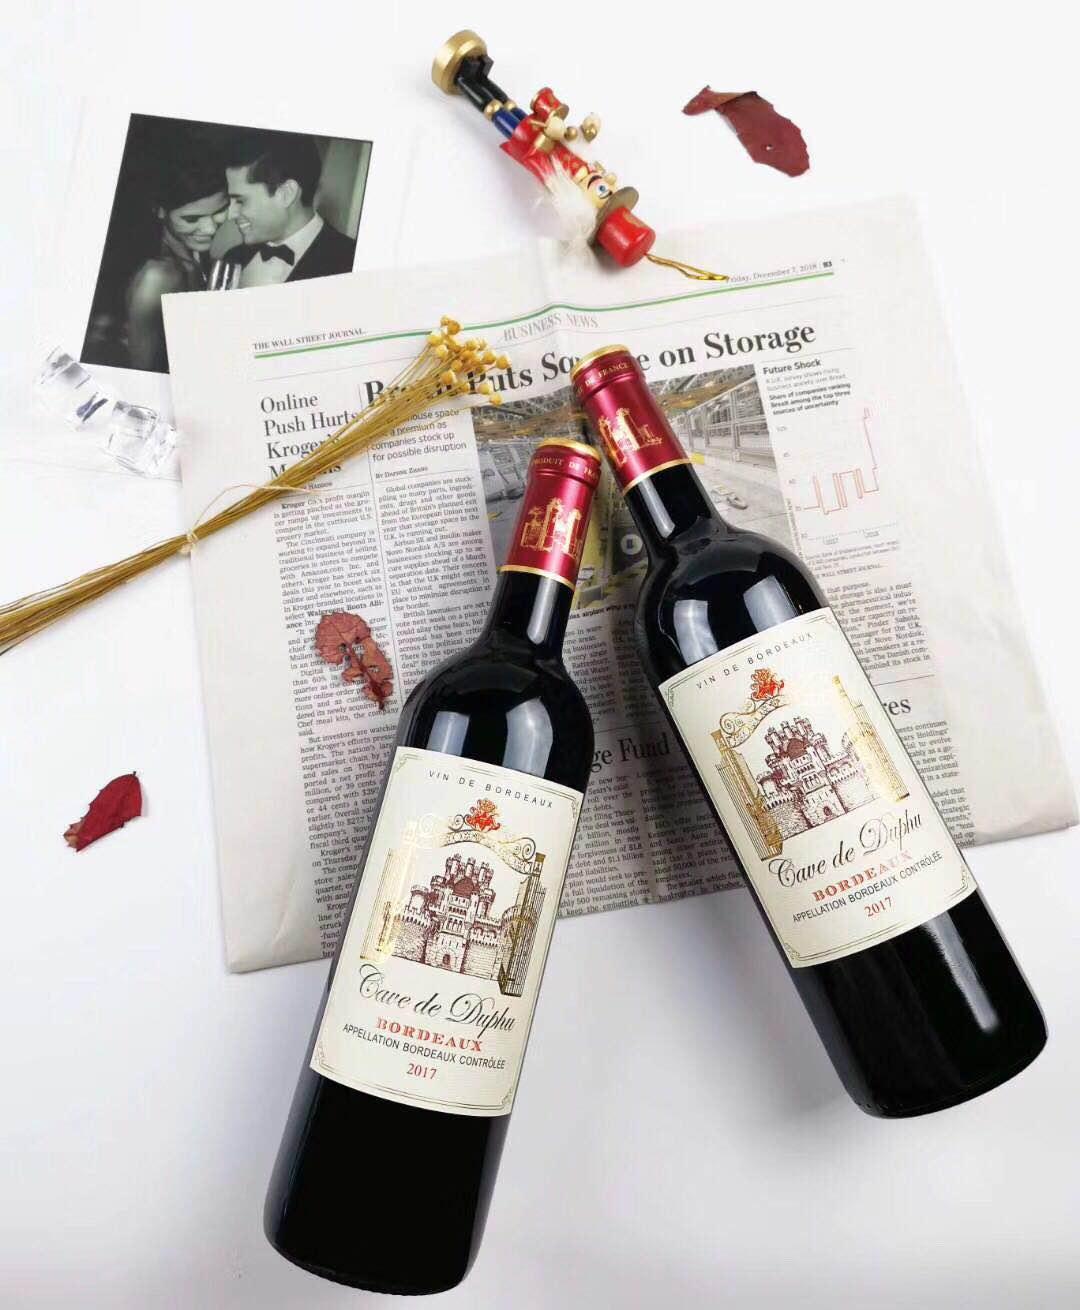 汉森葡萄酒价格-一瓶红酒的照片-葡萄酒那种好